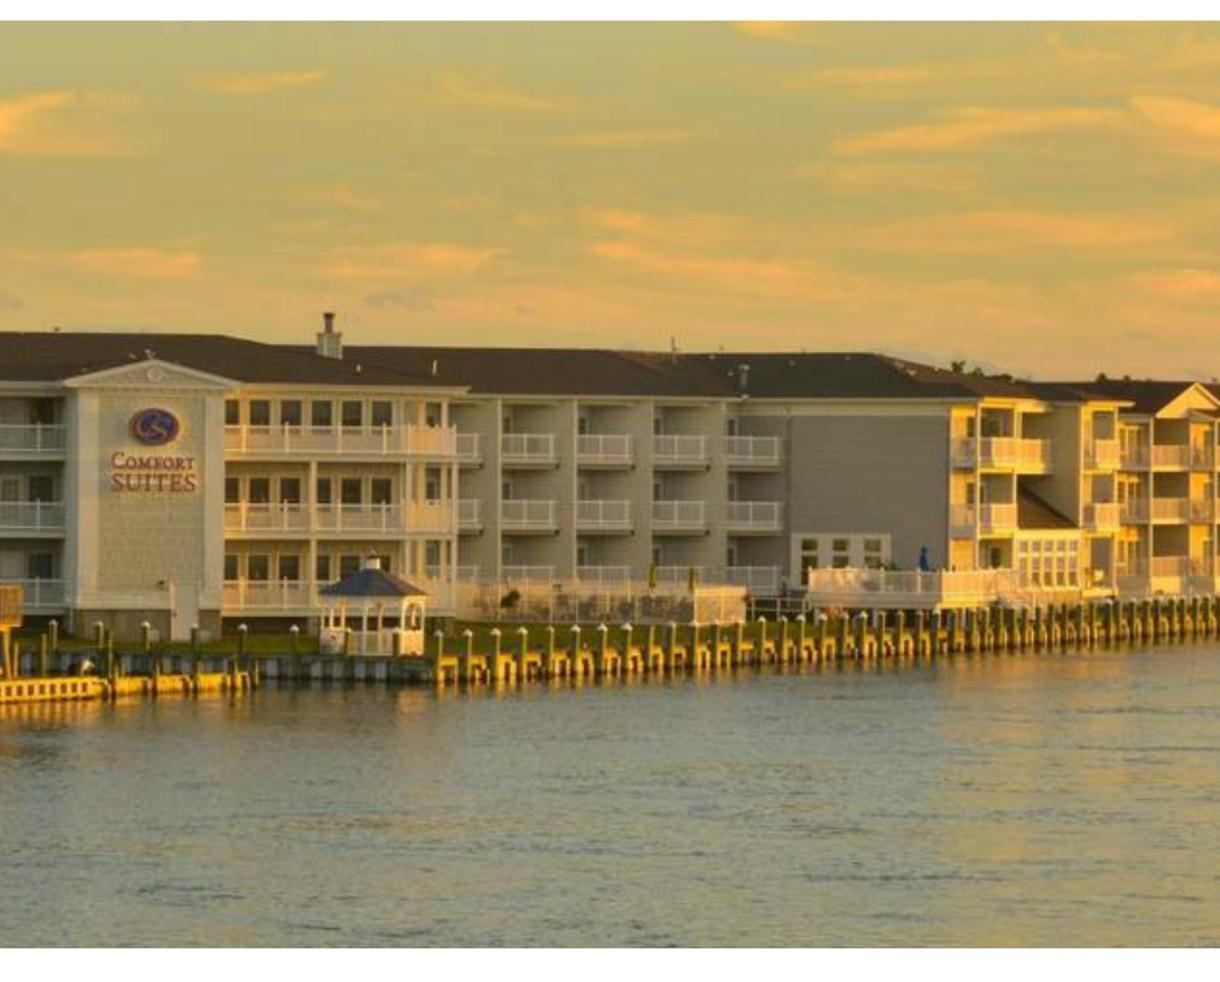 Comfort Suites Chincoteague Waterfront Escape